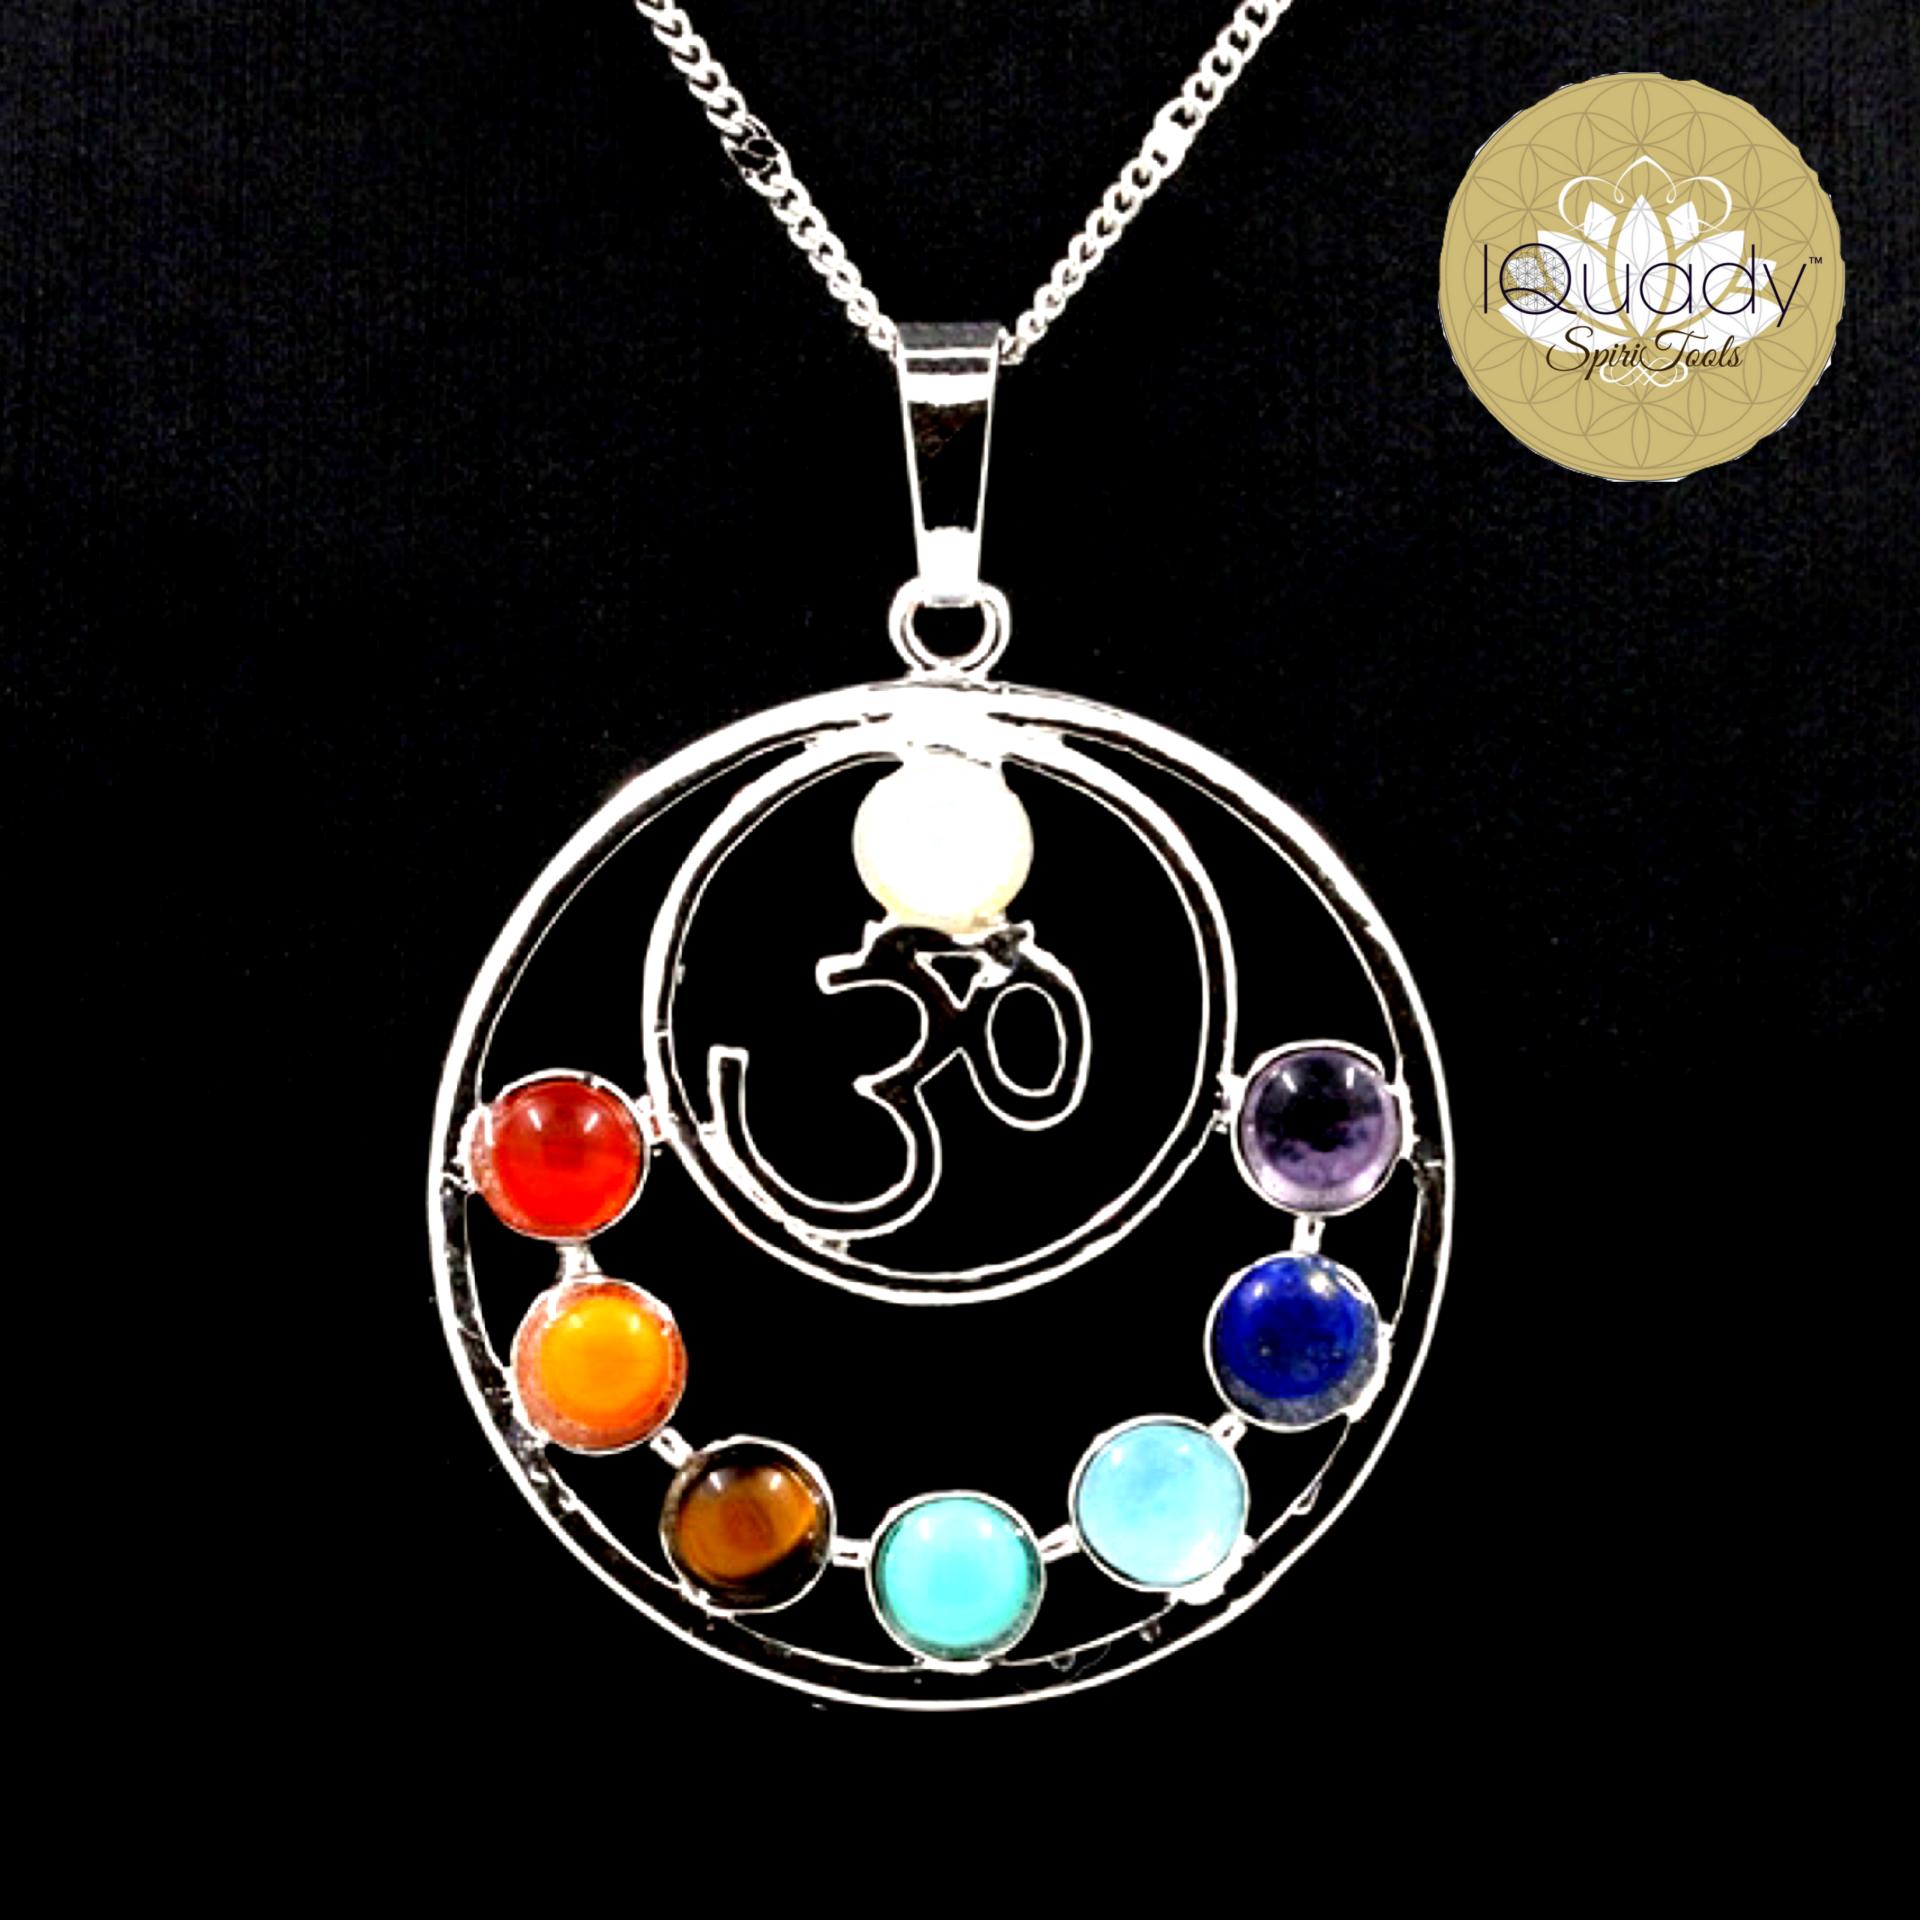 7 Chakra Stone Namaste Energetic Healing Amulet